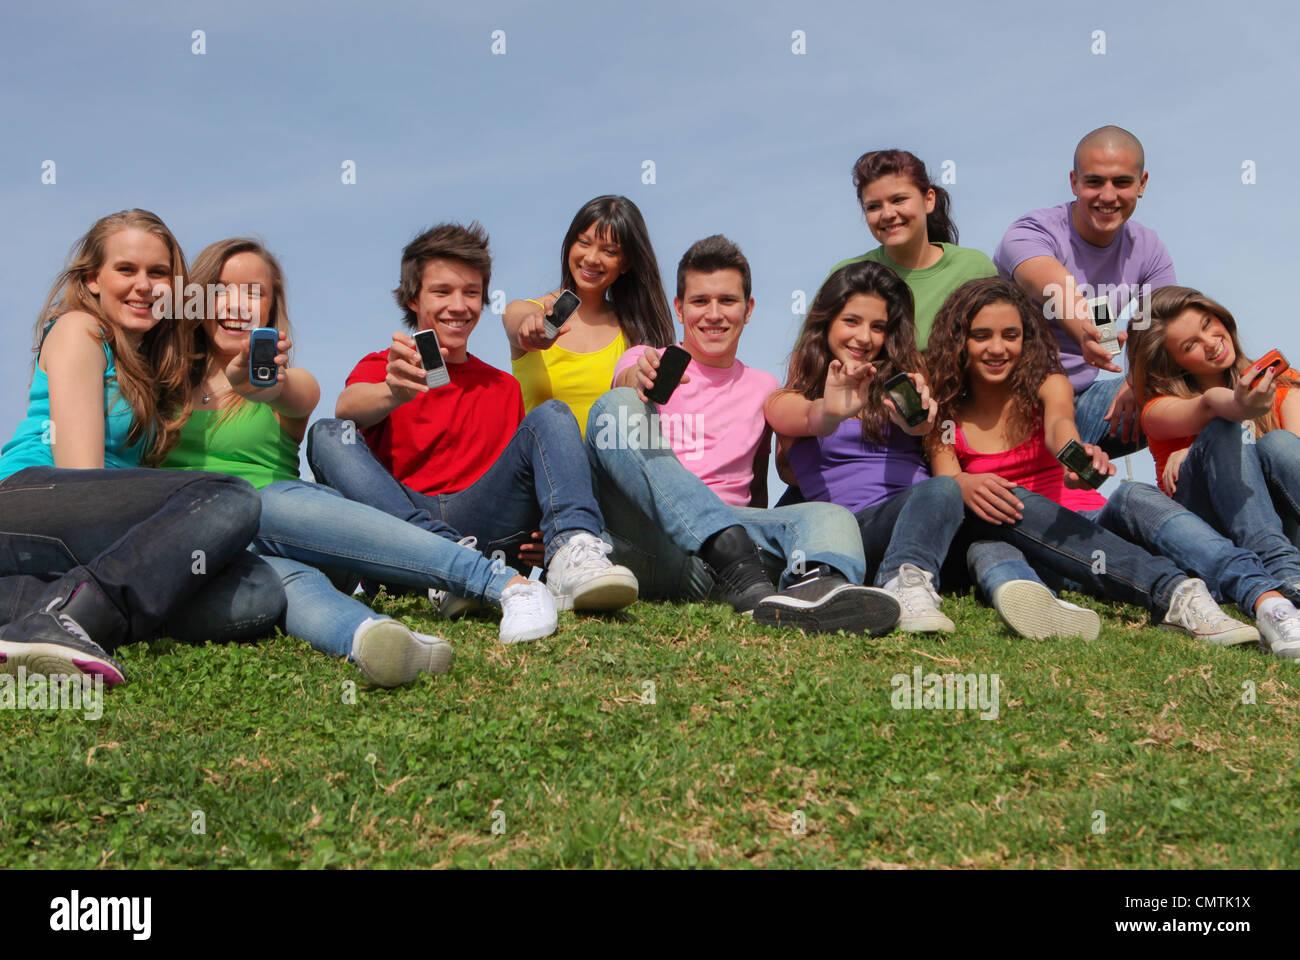 Feliz grupo de adolescentes con teléfonos celulares Imagen De Stock